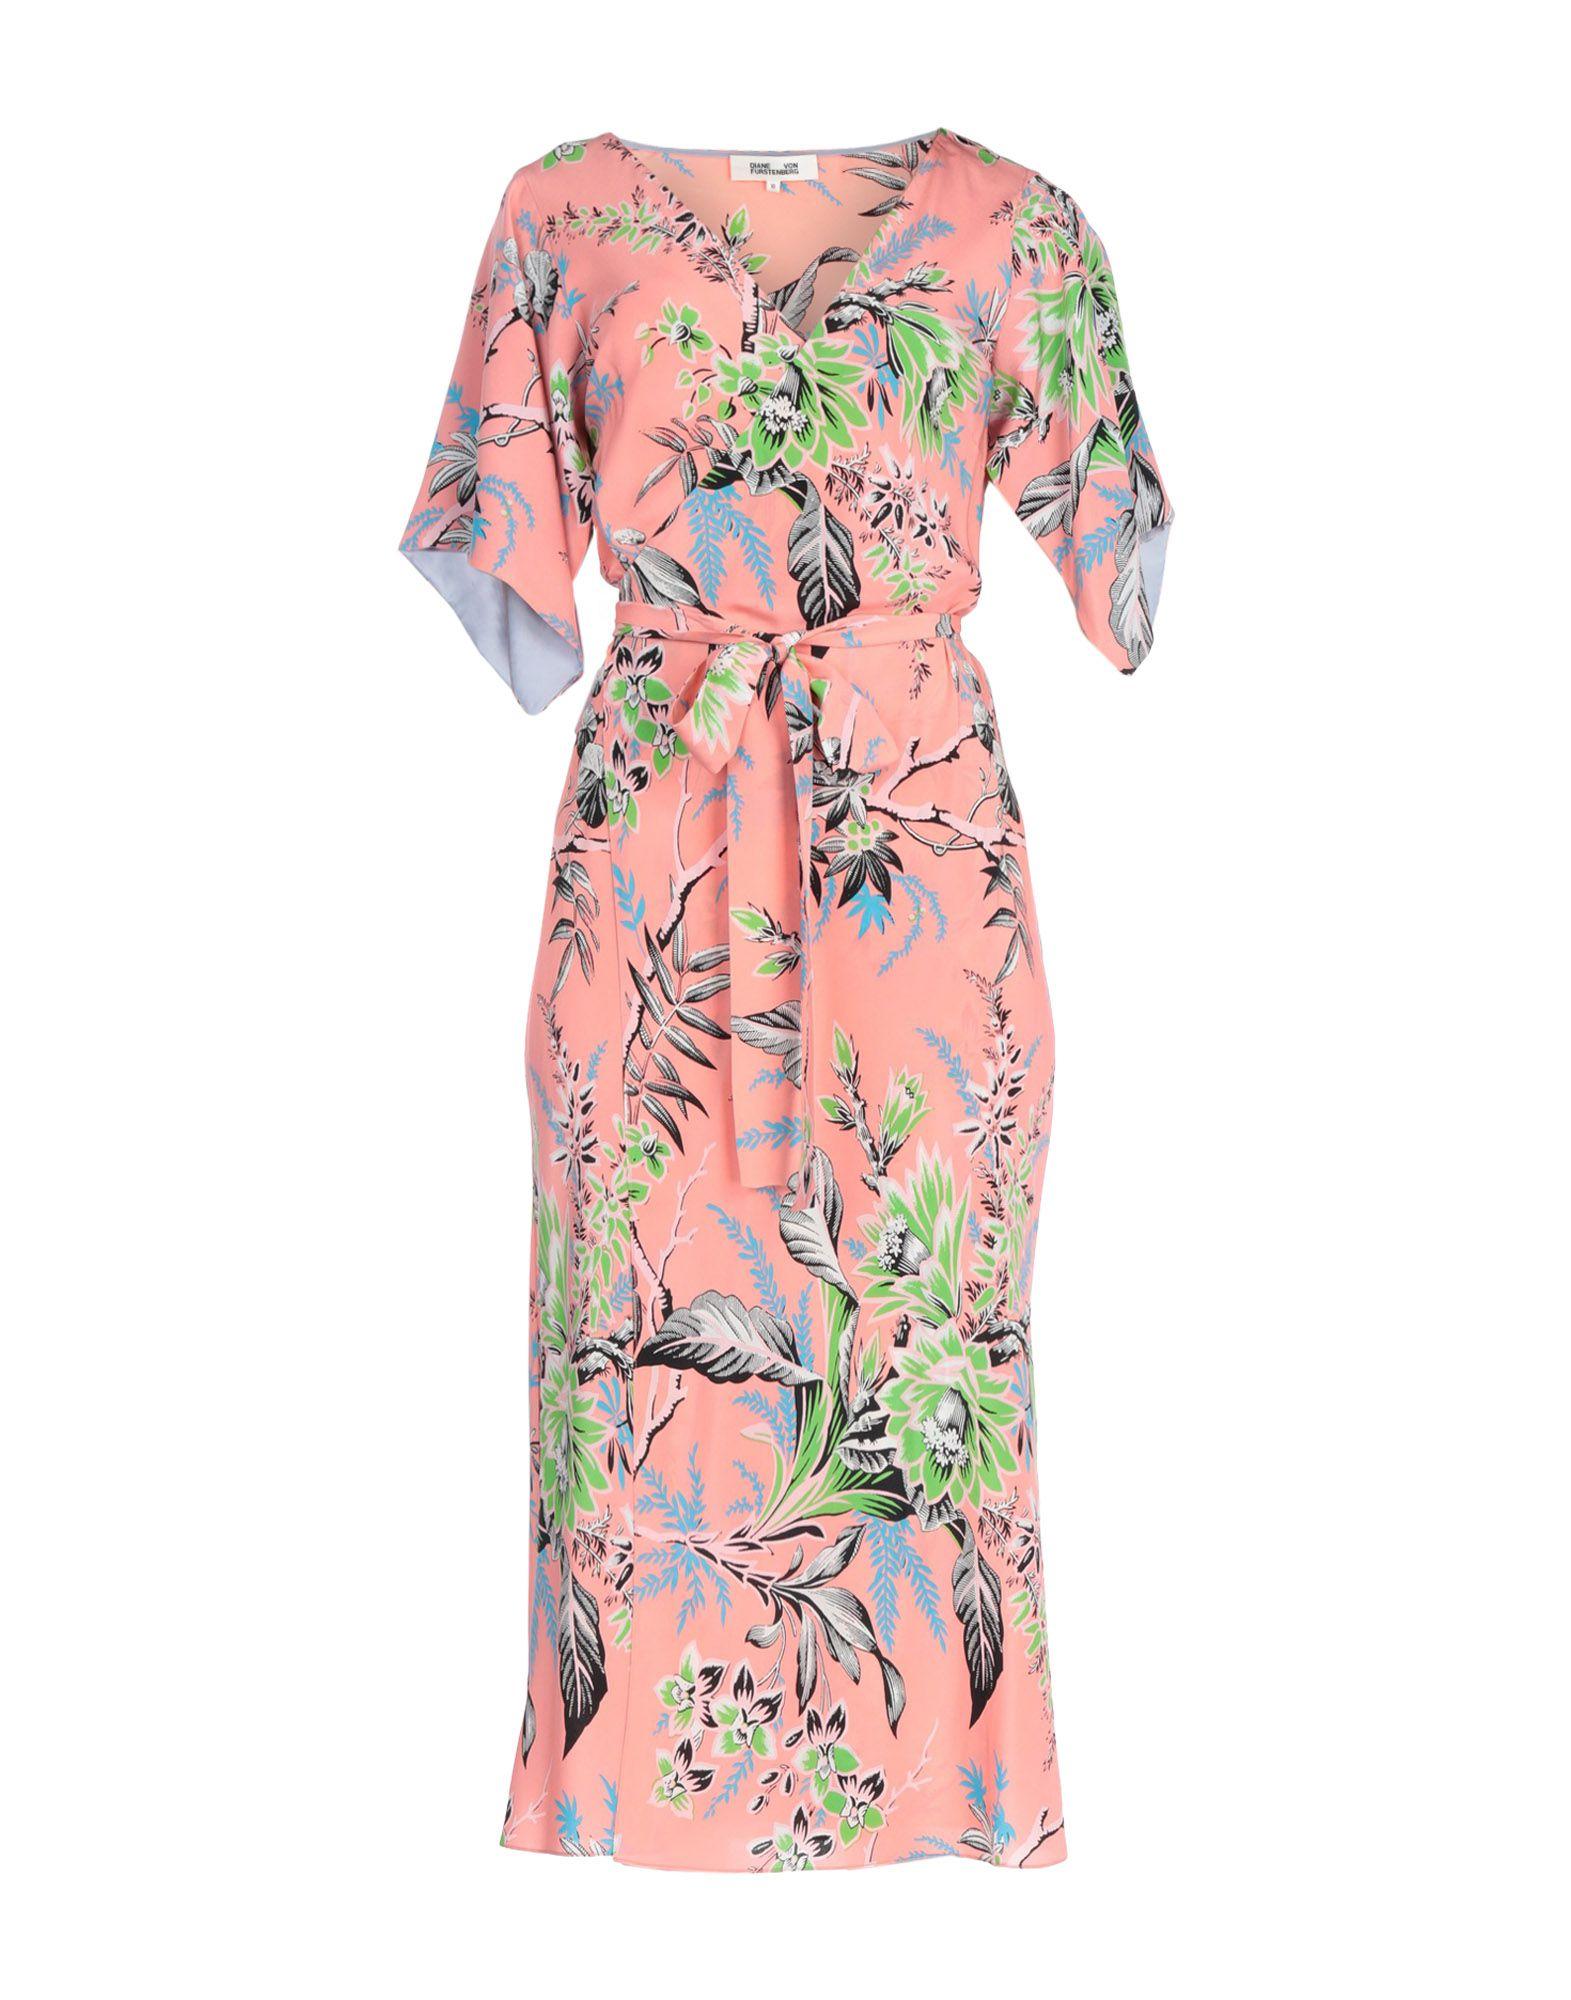 DIANE VON FURSTENBERG Платье длиной 3/4 icons платье длиной 3 4